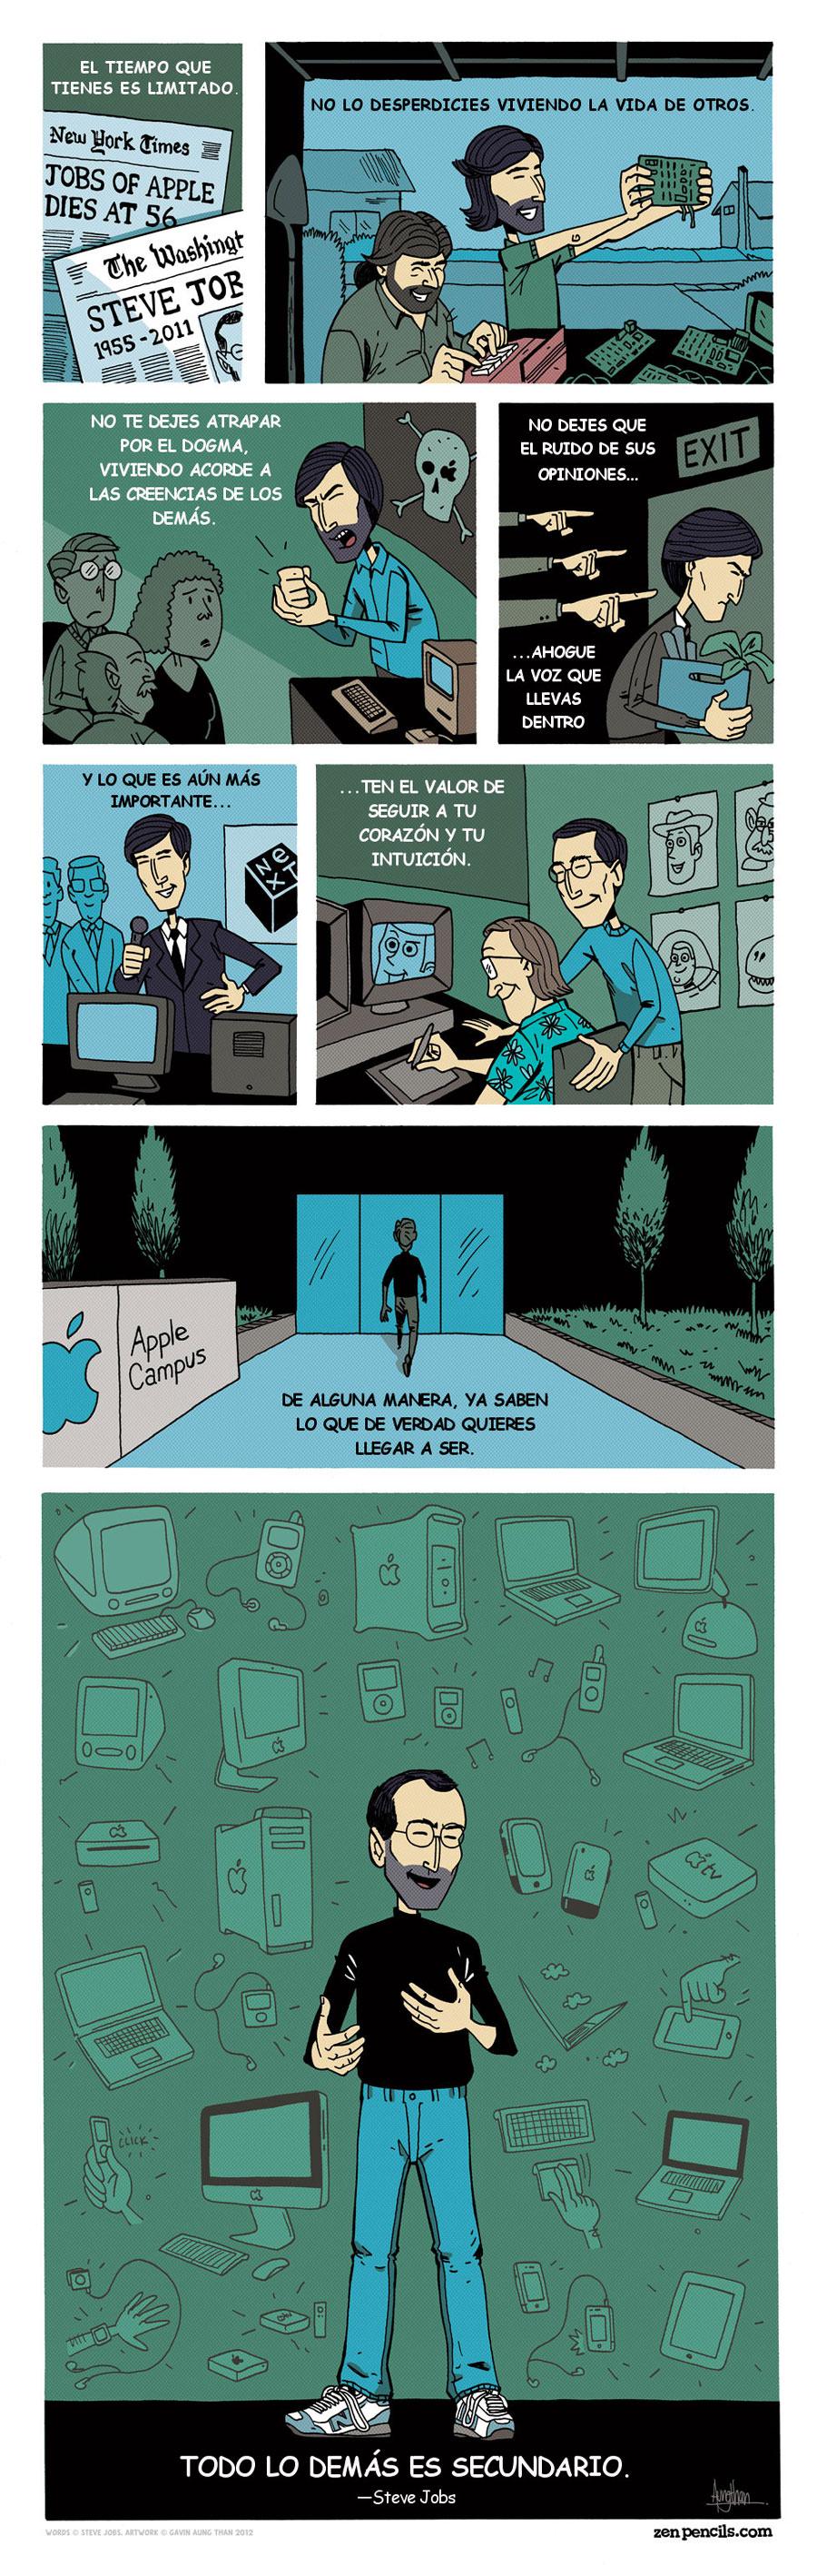 2010-01-15-16-Steve-Jobs-SPANISH.jpg